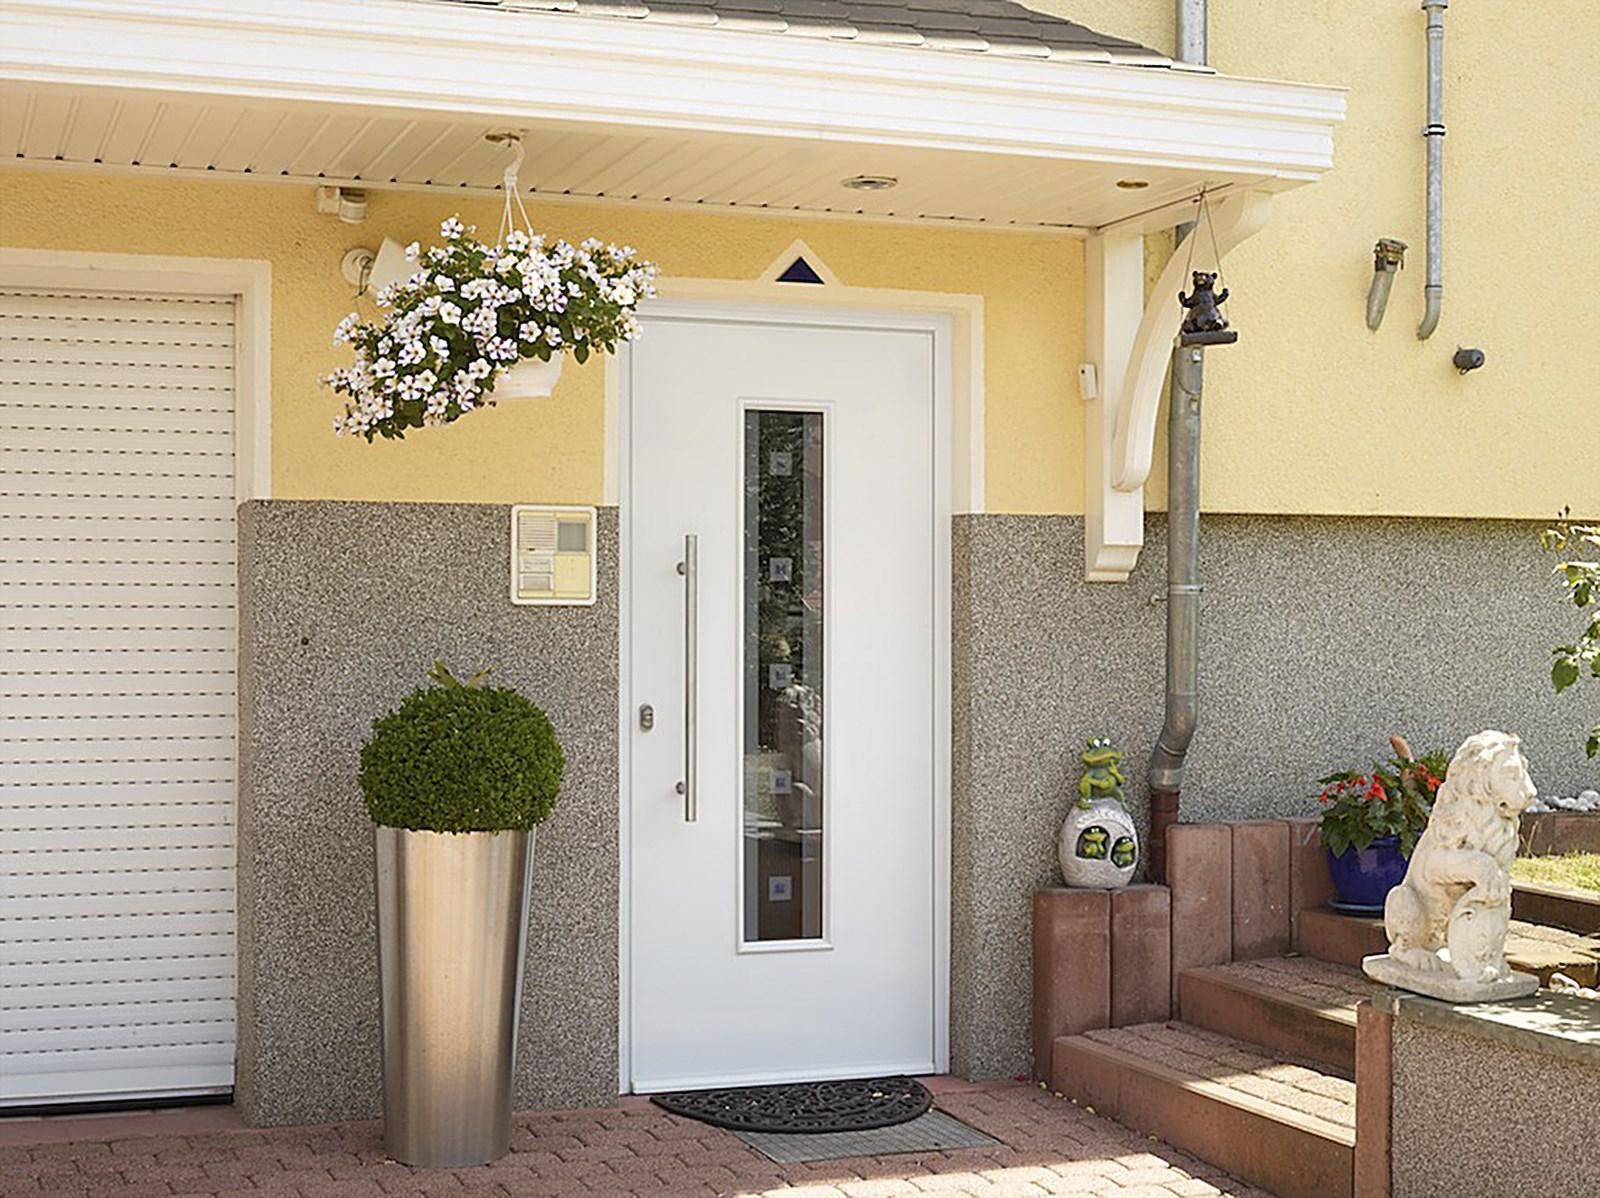 die etwas andere haust r renovierung portas schweiz renovierung. Black Bedroom Furniture Sets. Home Design Ideas